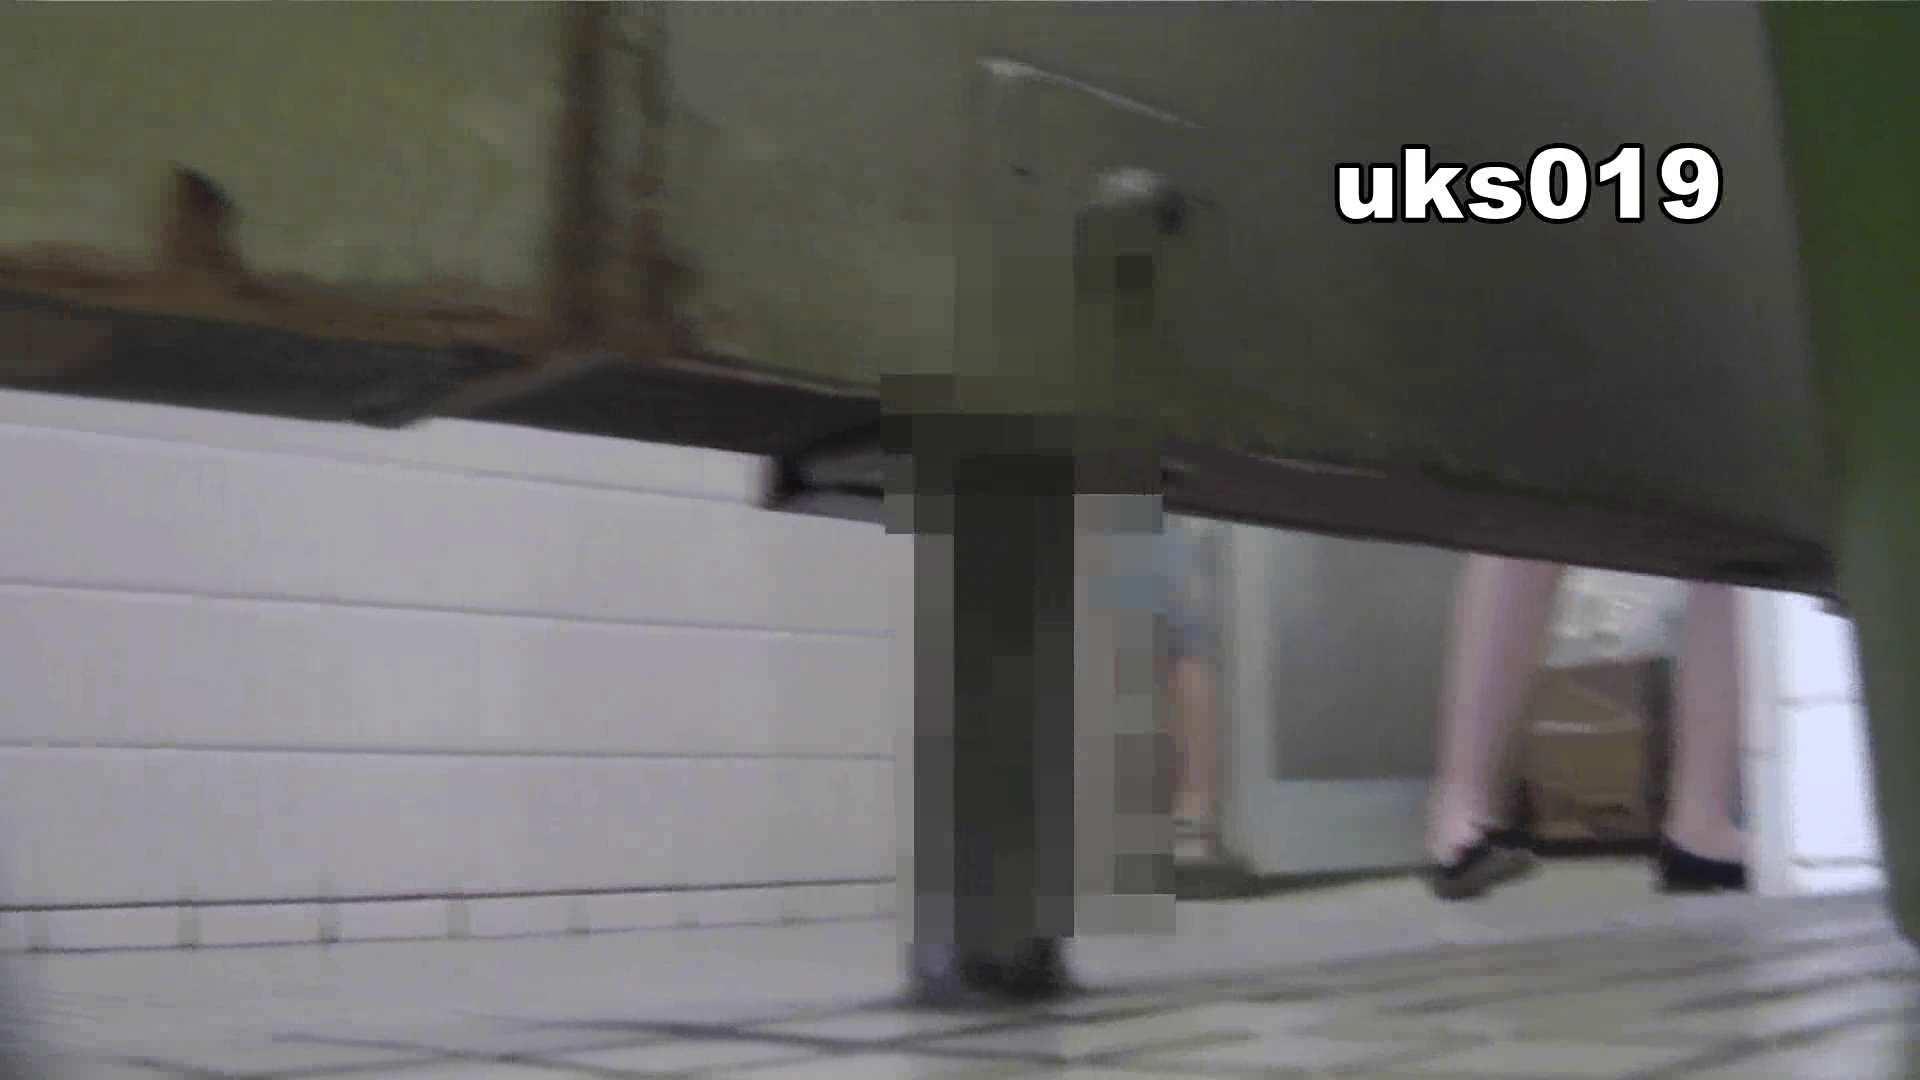 【美しき個室な世界】 vol.019 命知らず、殉職覚悟で決闘! OL女体  58連発 26